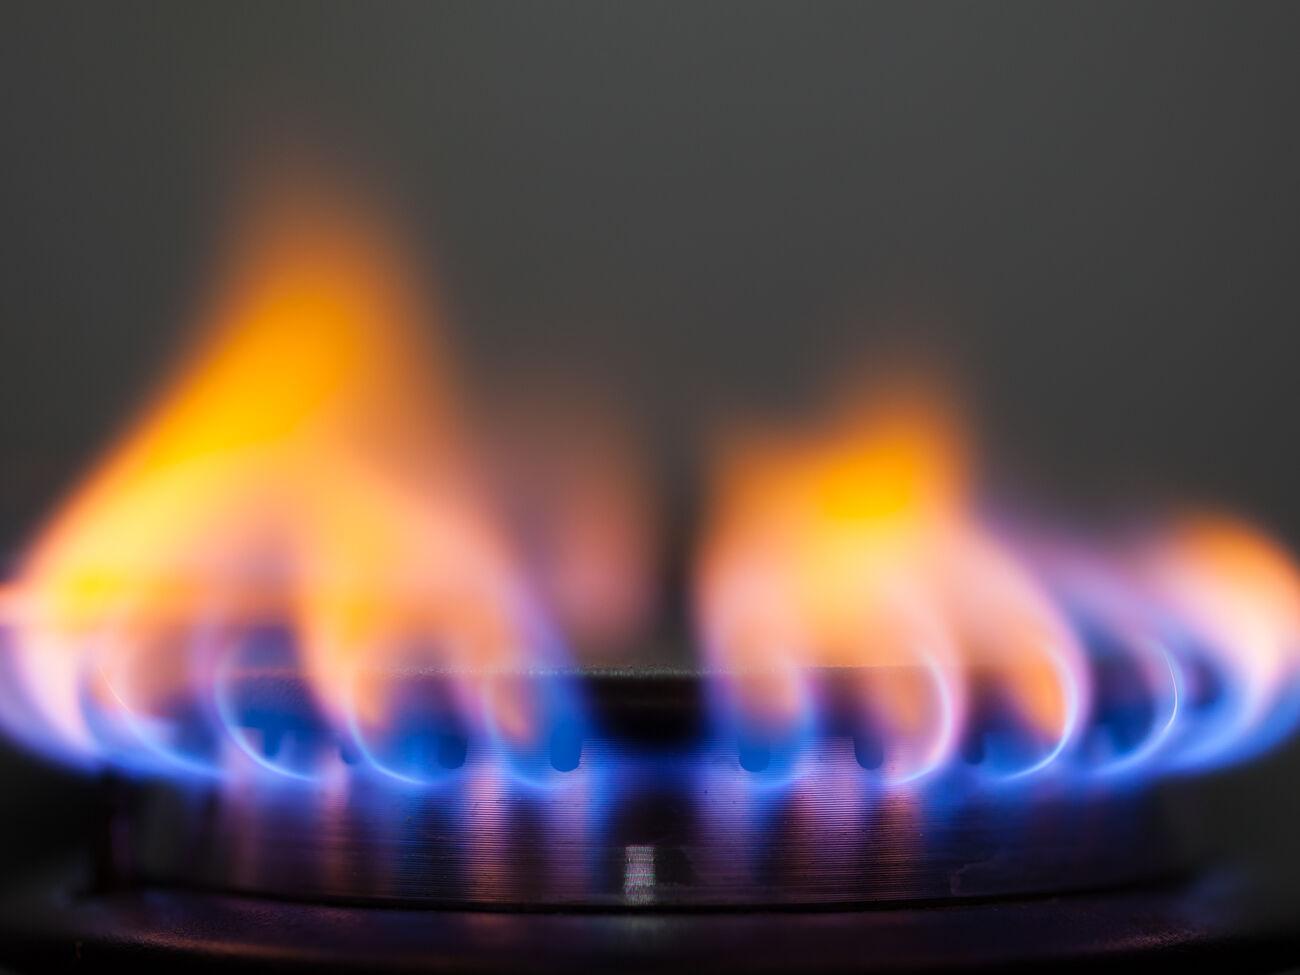 После введения годового тарифа новыми клиентами ГК «Нафтогаз України» стали более 150 тыс. домохозяйств